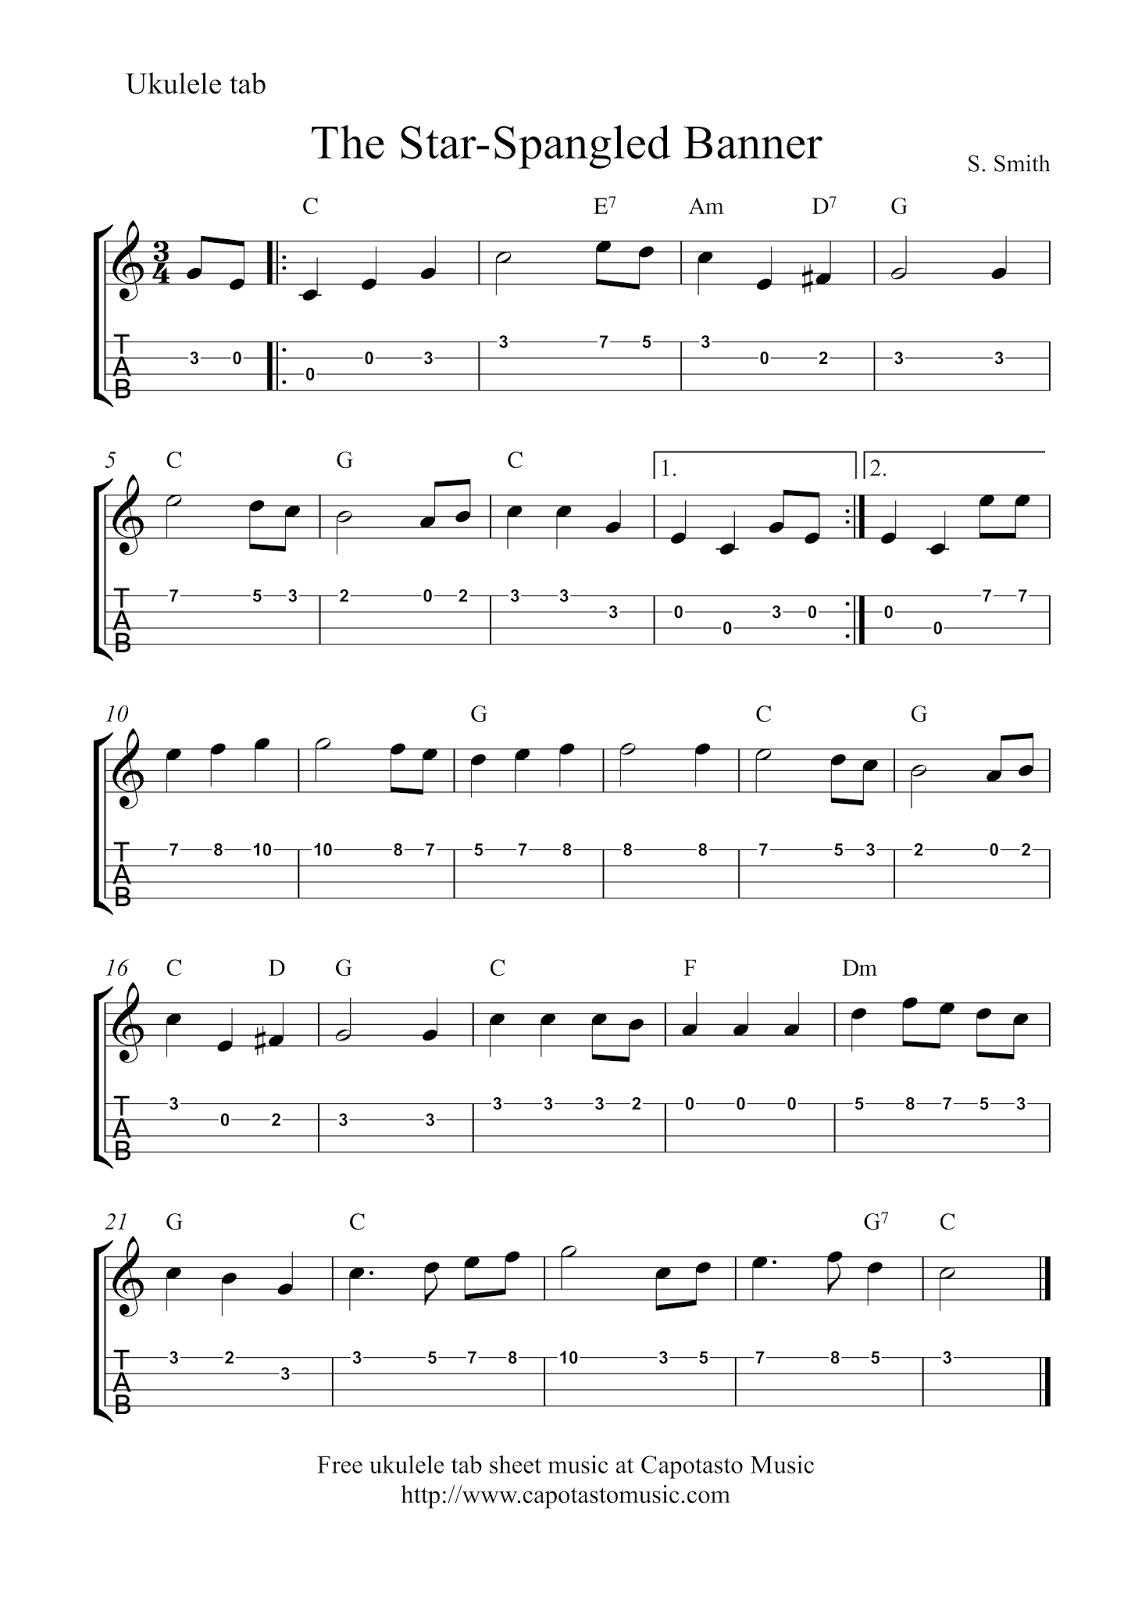 The Star Spangled Banner Free Ukulele Tablature Sheet Music Uke